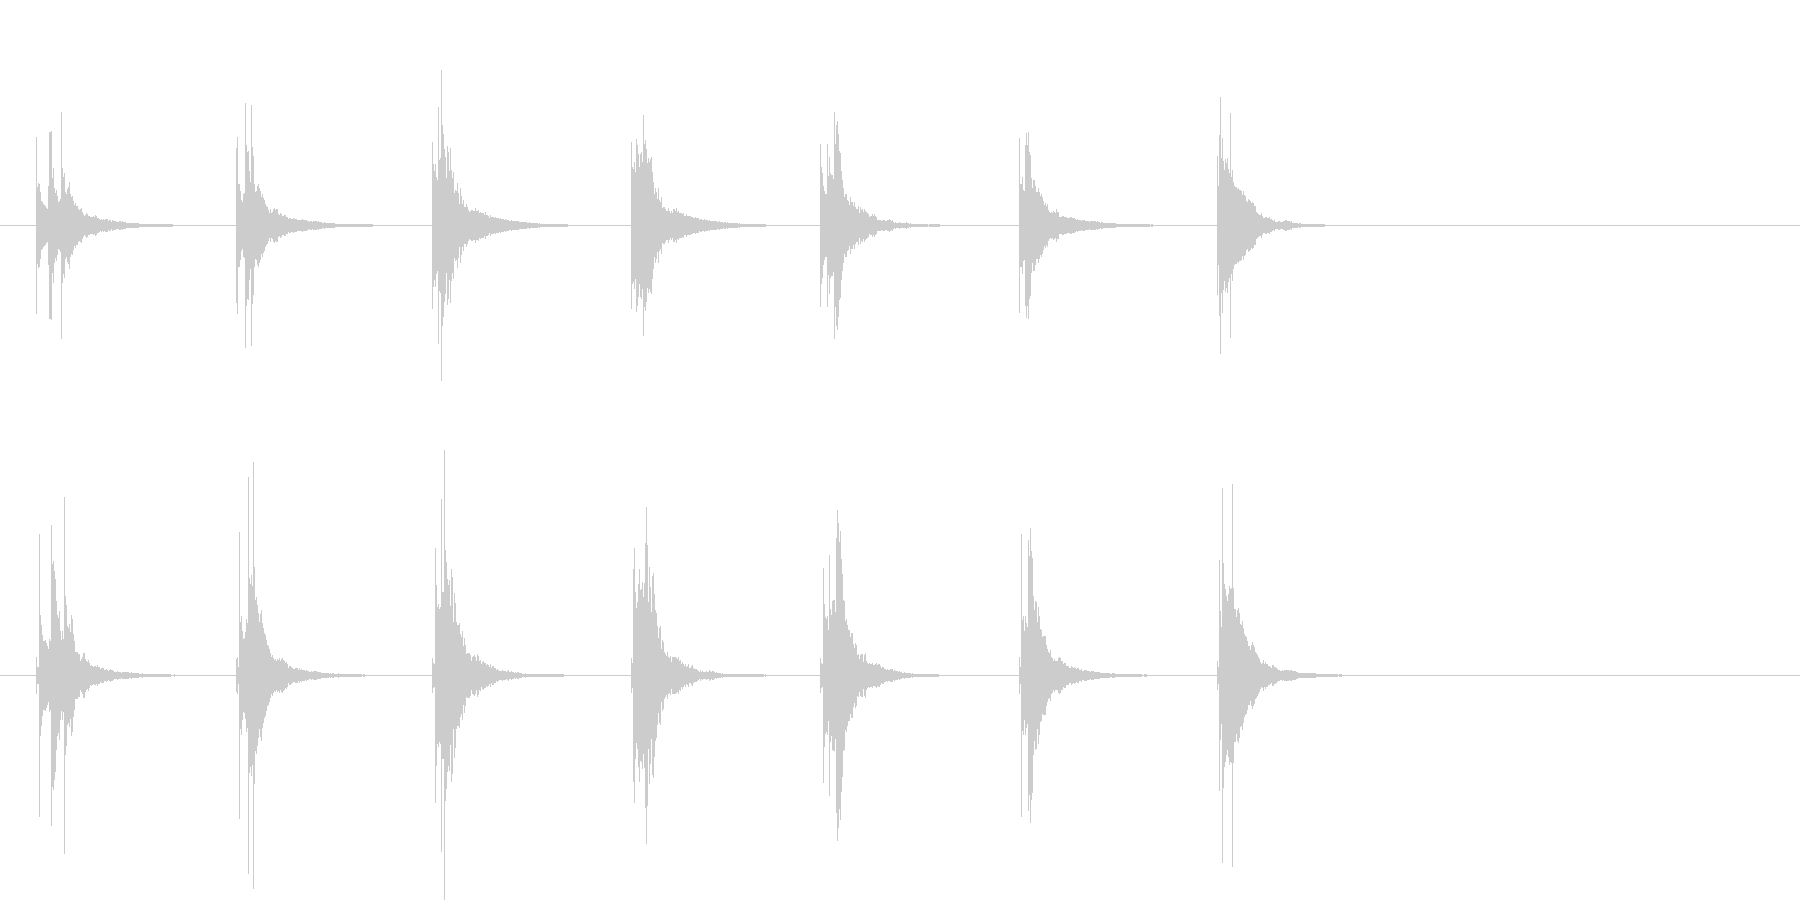 木琴の和音アイキャッチの未再生の波形